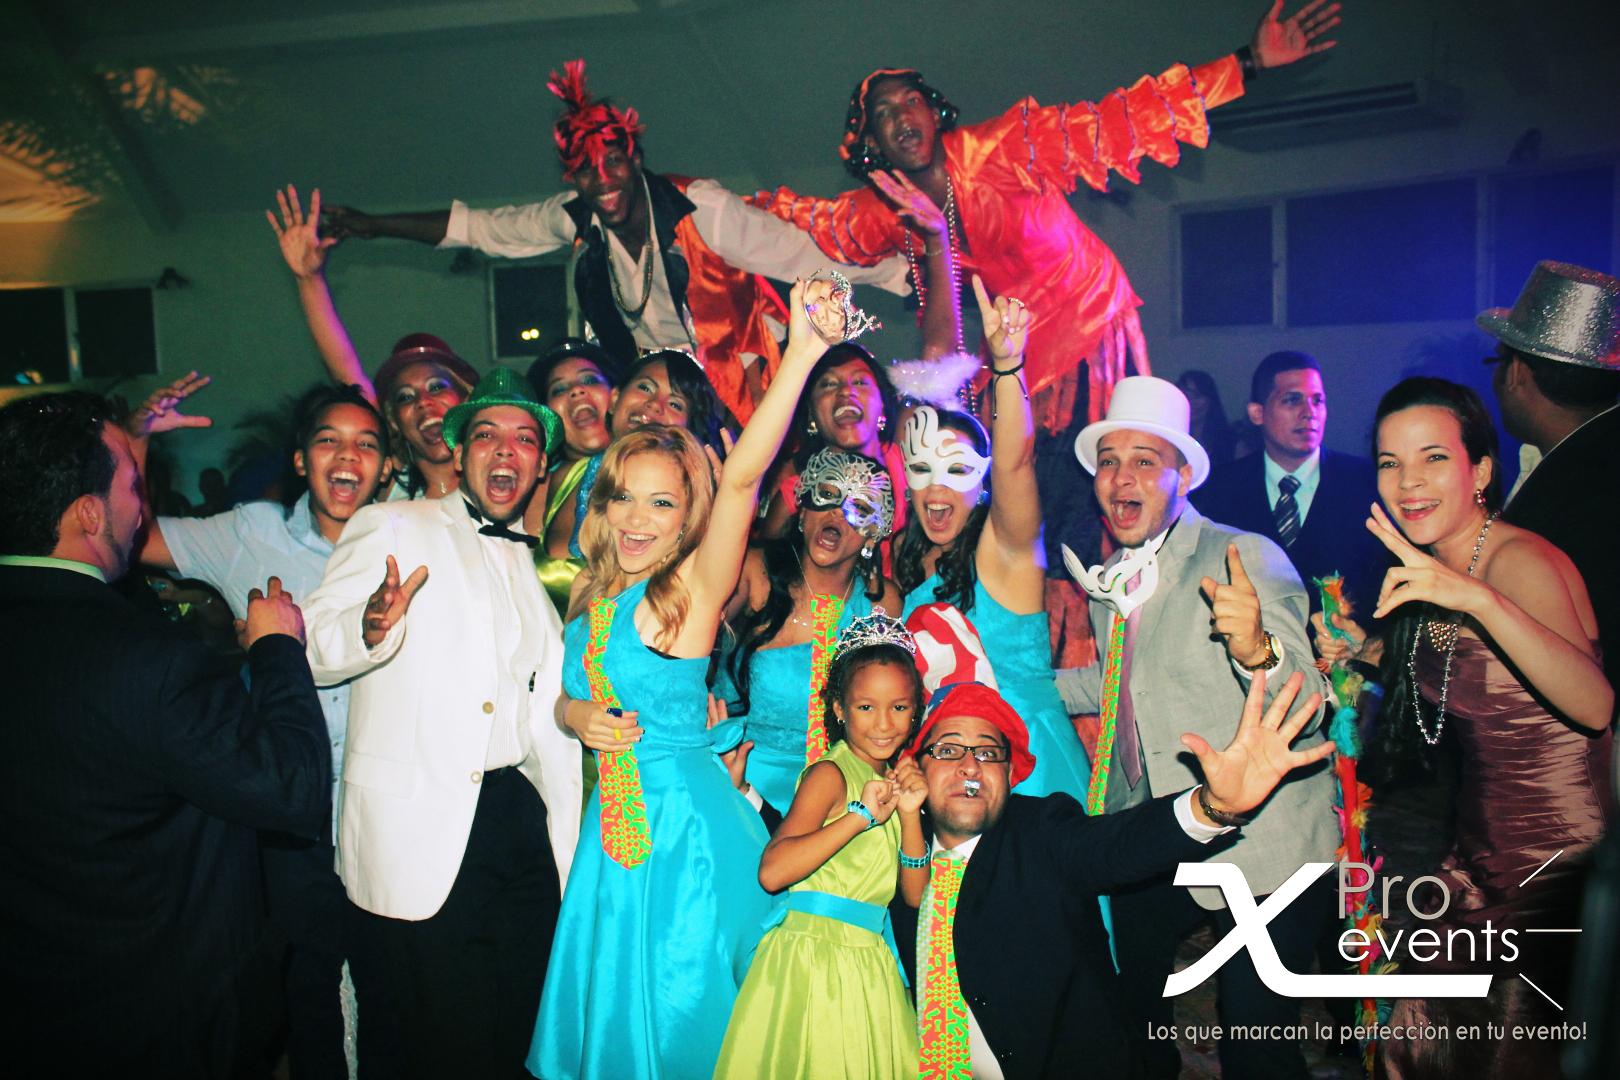 www.Xproevents.com - Los que marcan la perfeccion en tu evento 01 (11).jpg